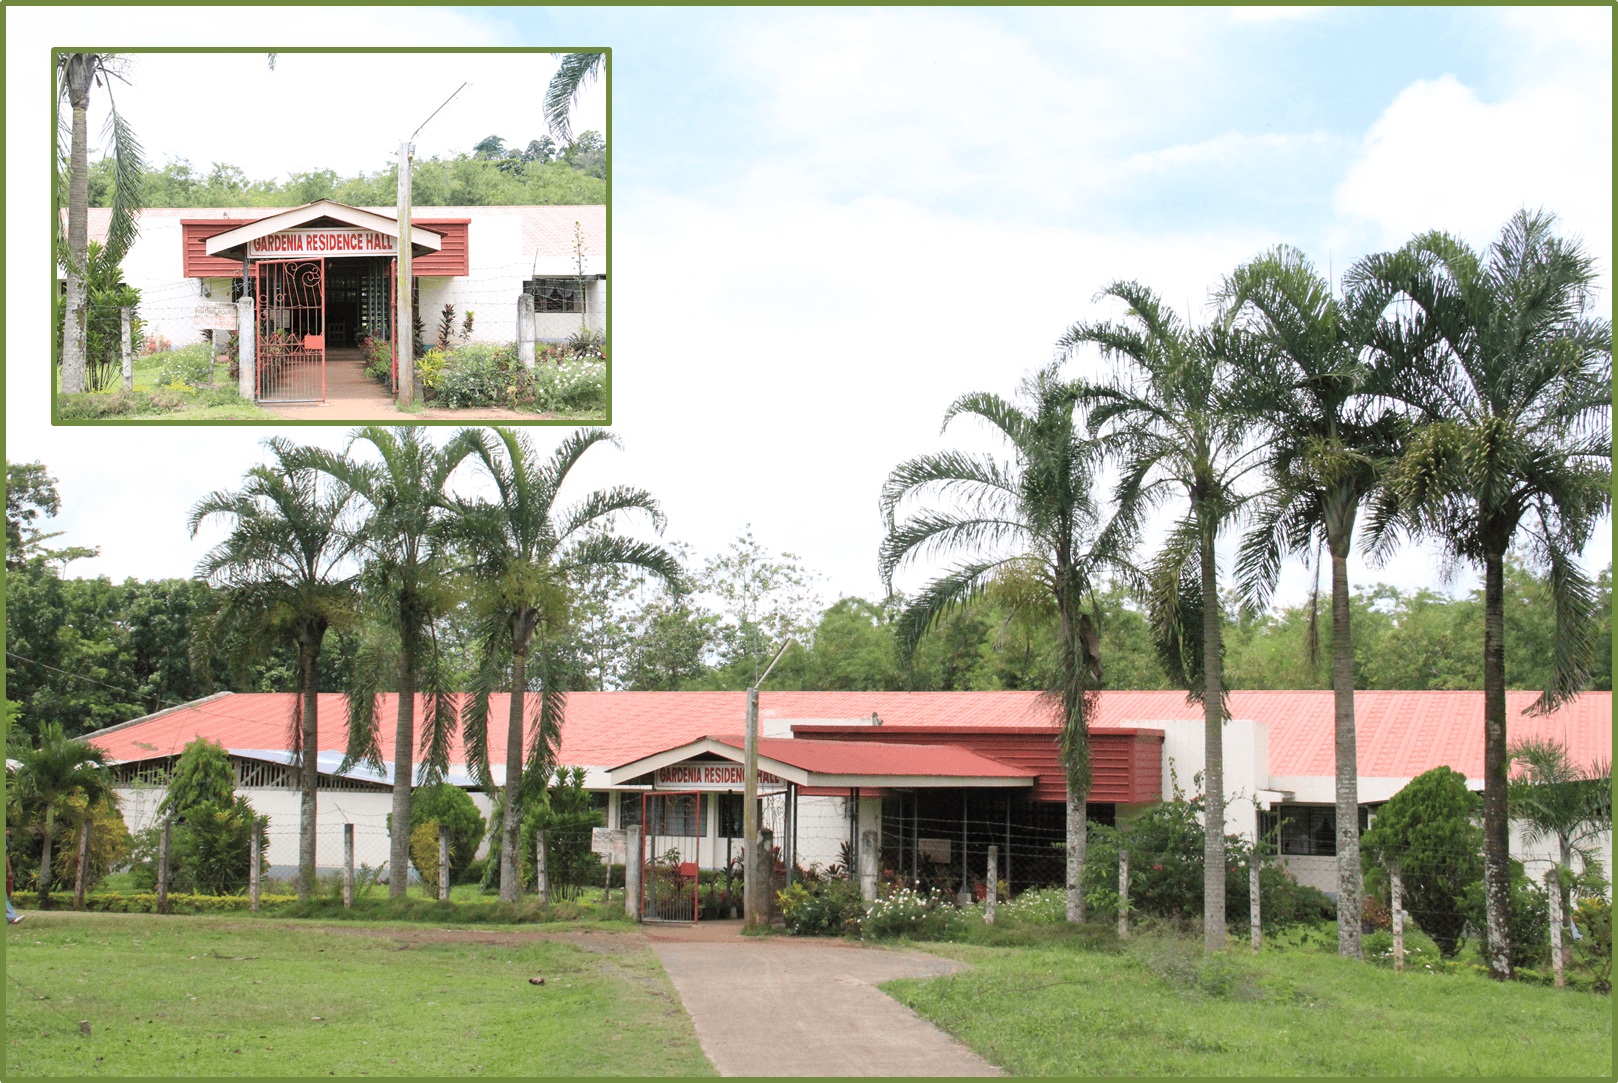 Gardenia Residence Hall